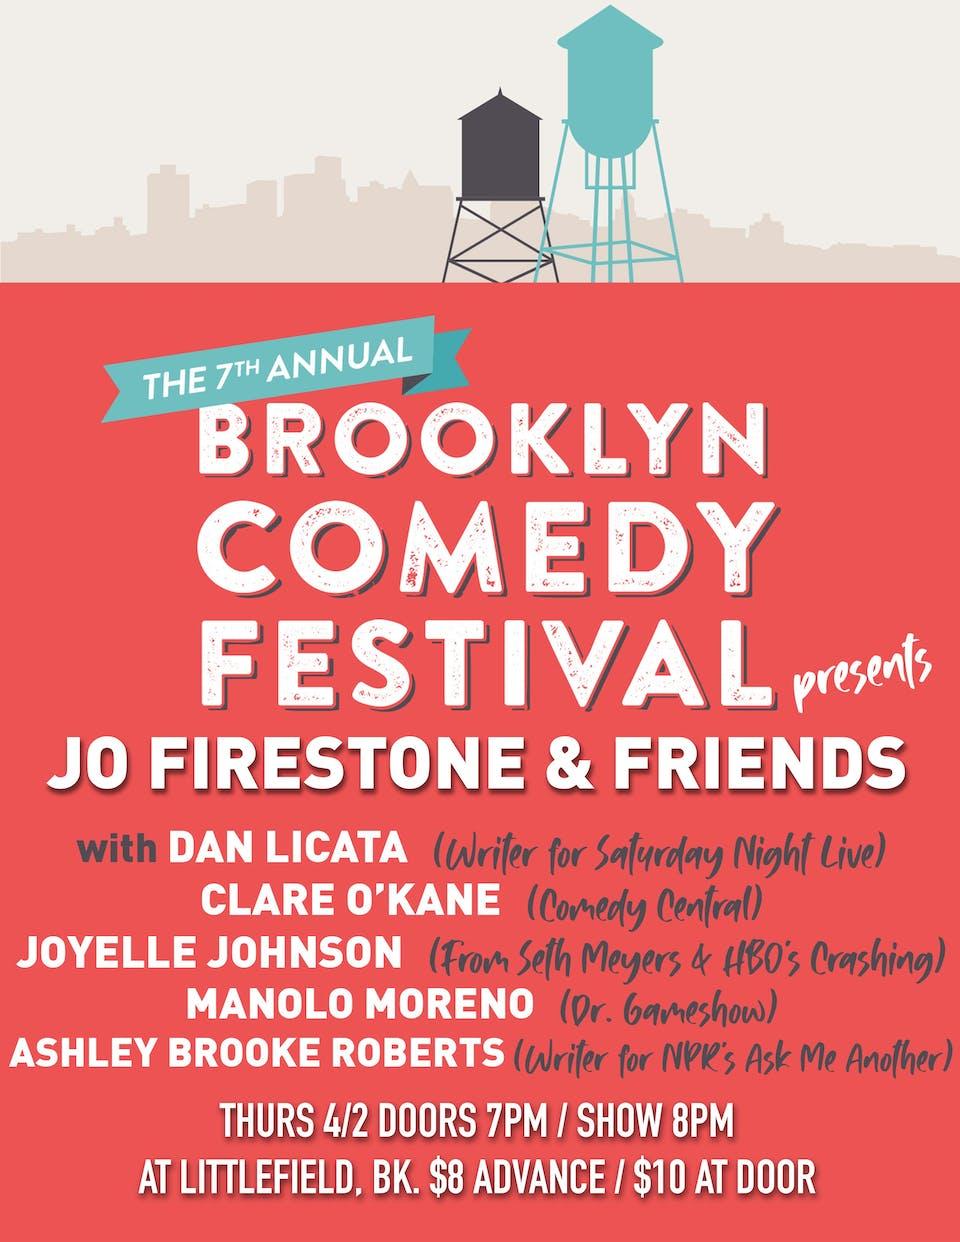 Brooklyn Comedy Festival Presents Jo Firestone & Friends